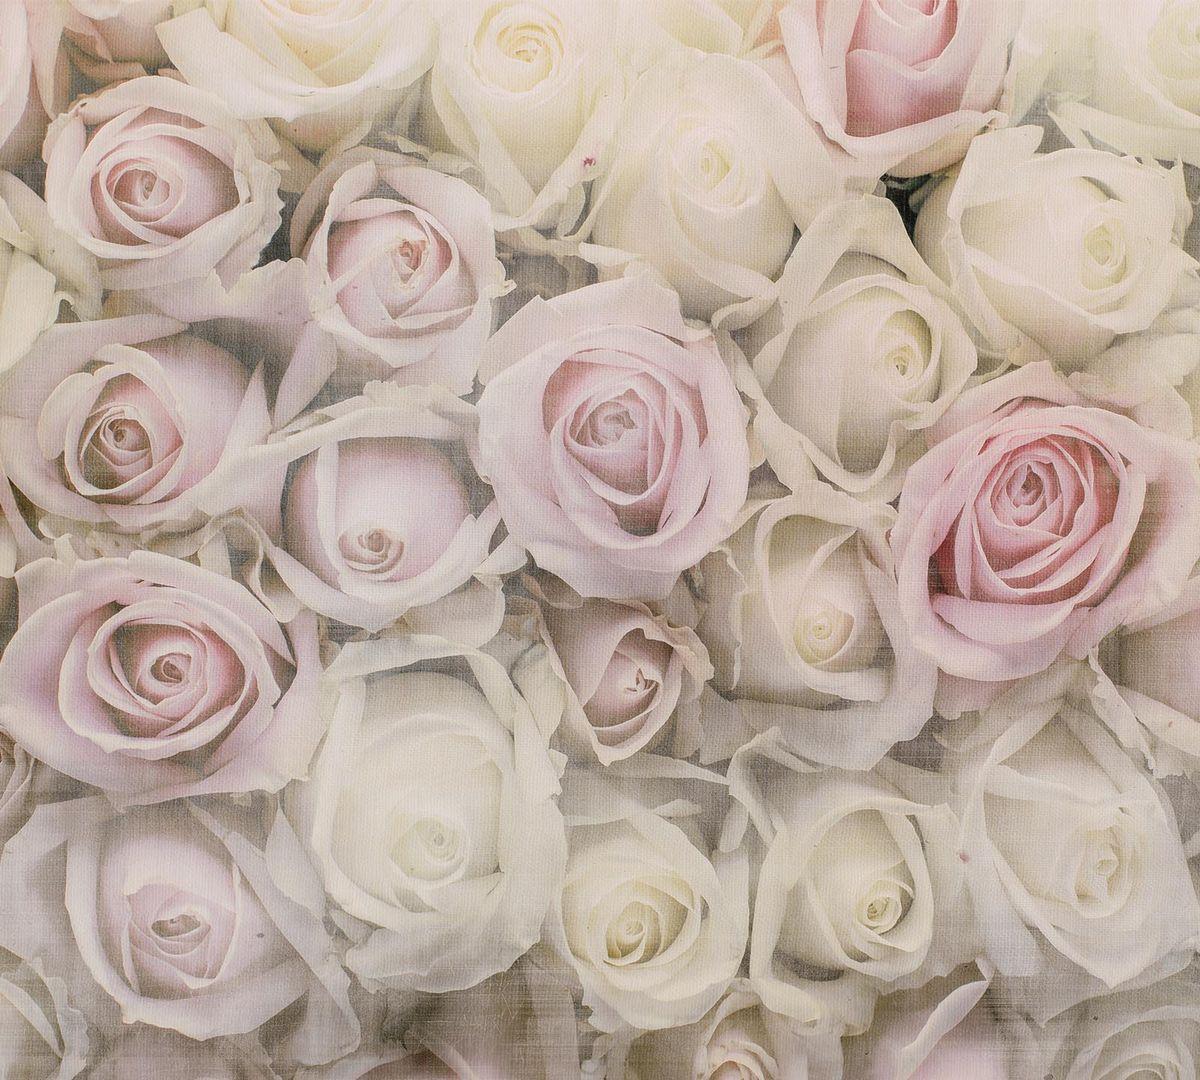 Фотообои Milan Розовая нежность, текстурные, 200 х 180 см. M 518 фотообои milan текстура дерева текстурные 200 х 135 см m 622